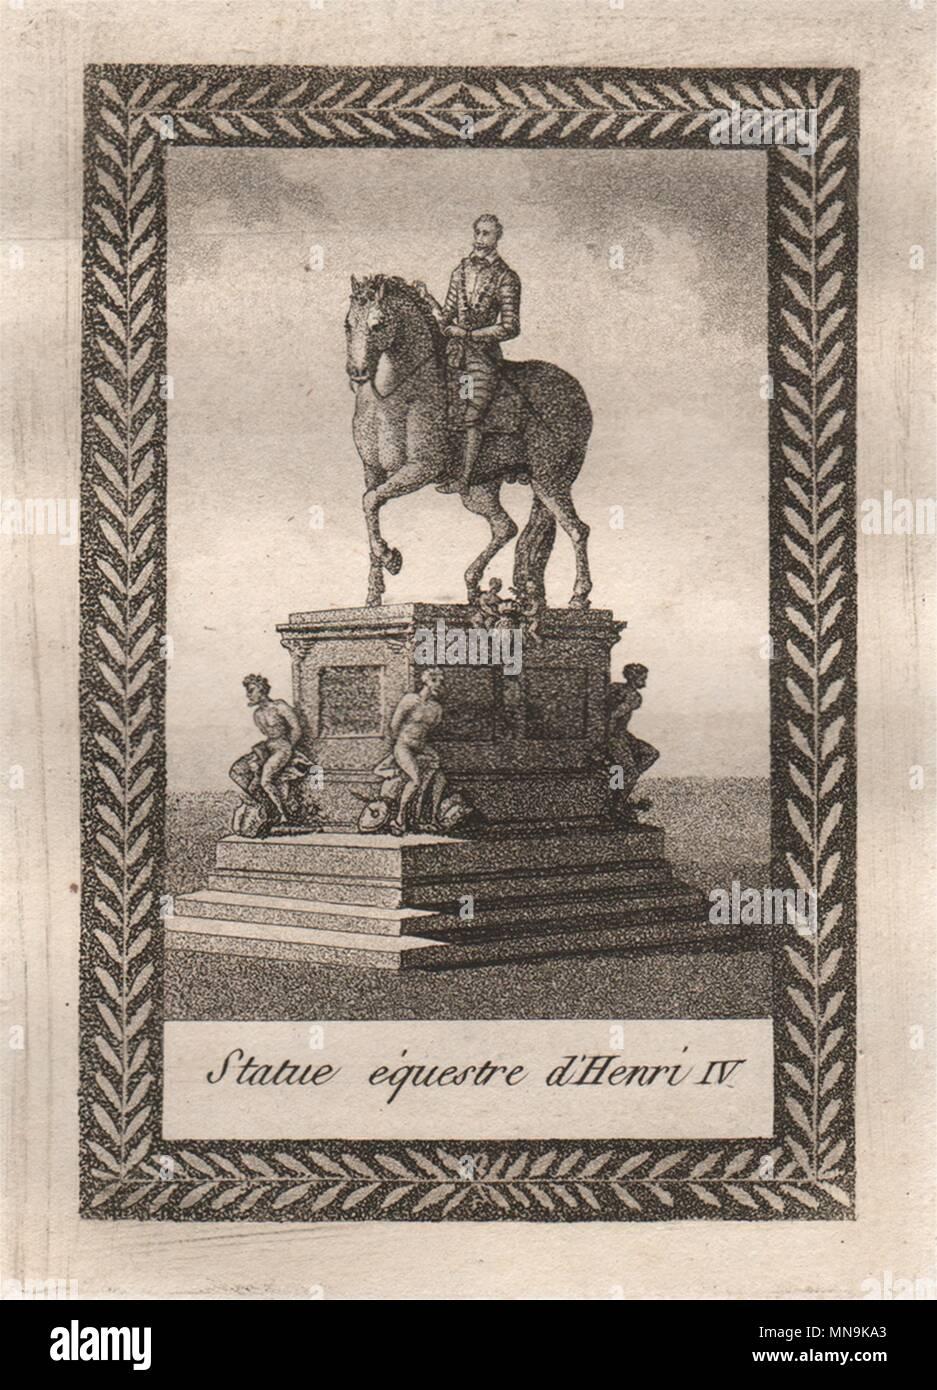 PARIS. Statue équestre d'Henri IV. Aquatint. SMALL 1808 old antique print - Stock Image